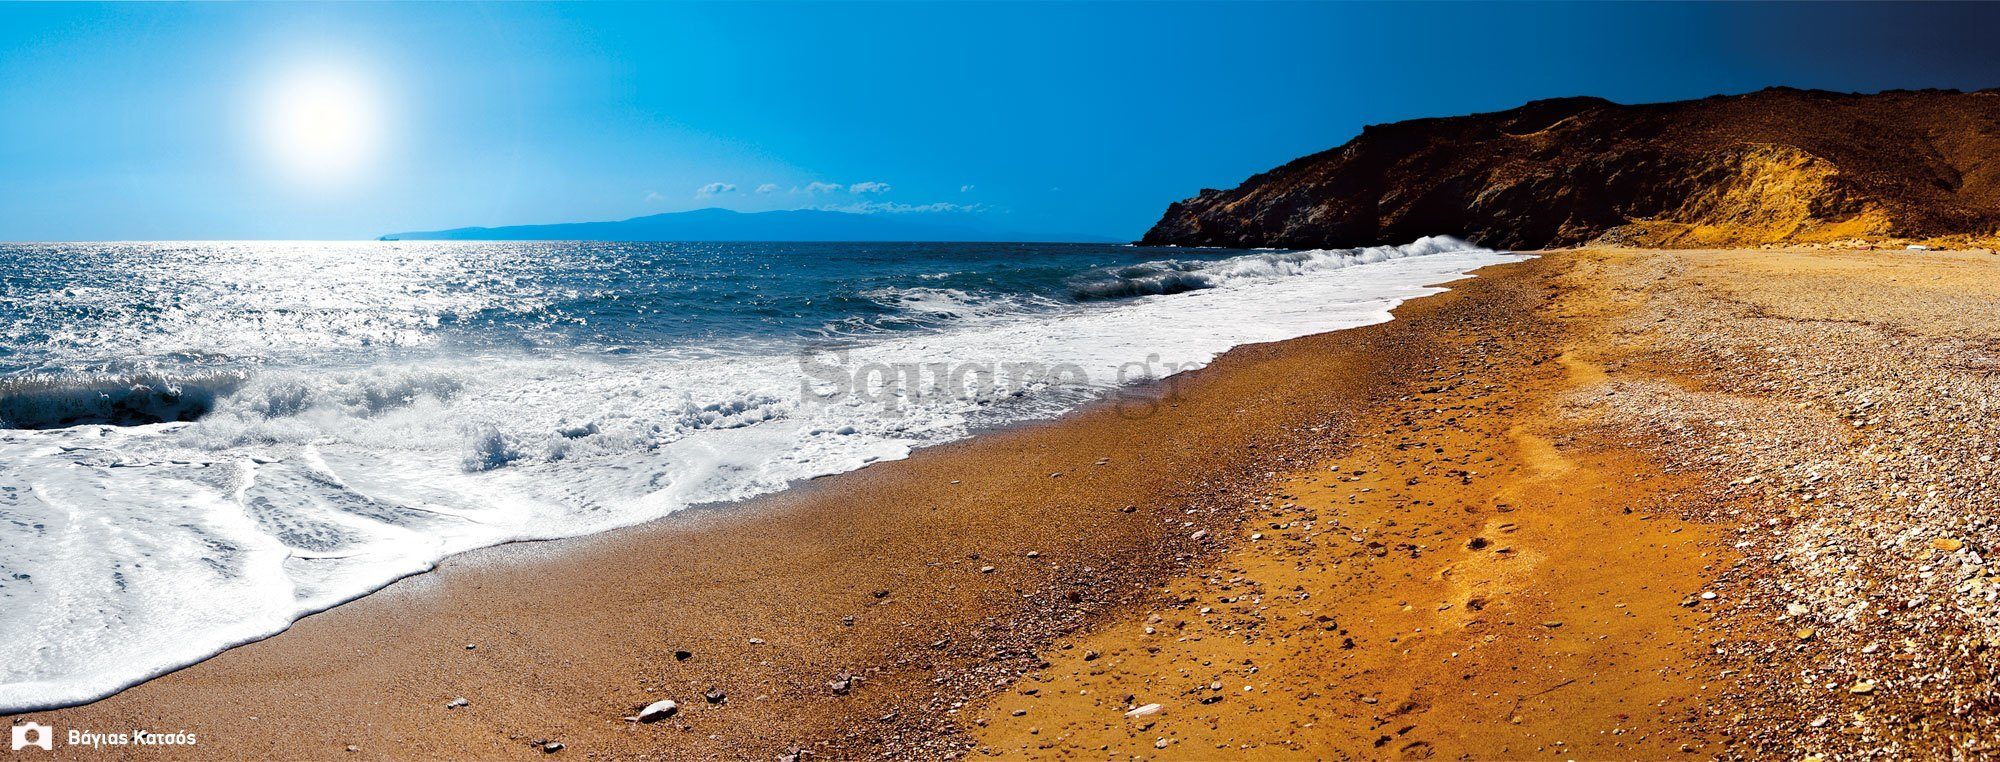 Παραλία-Ποτάμι-στη-νότιο-Εύβοια